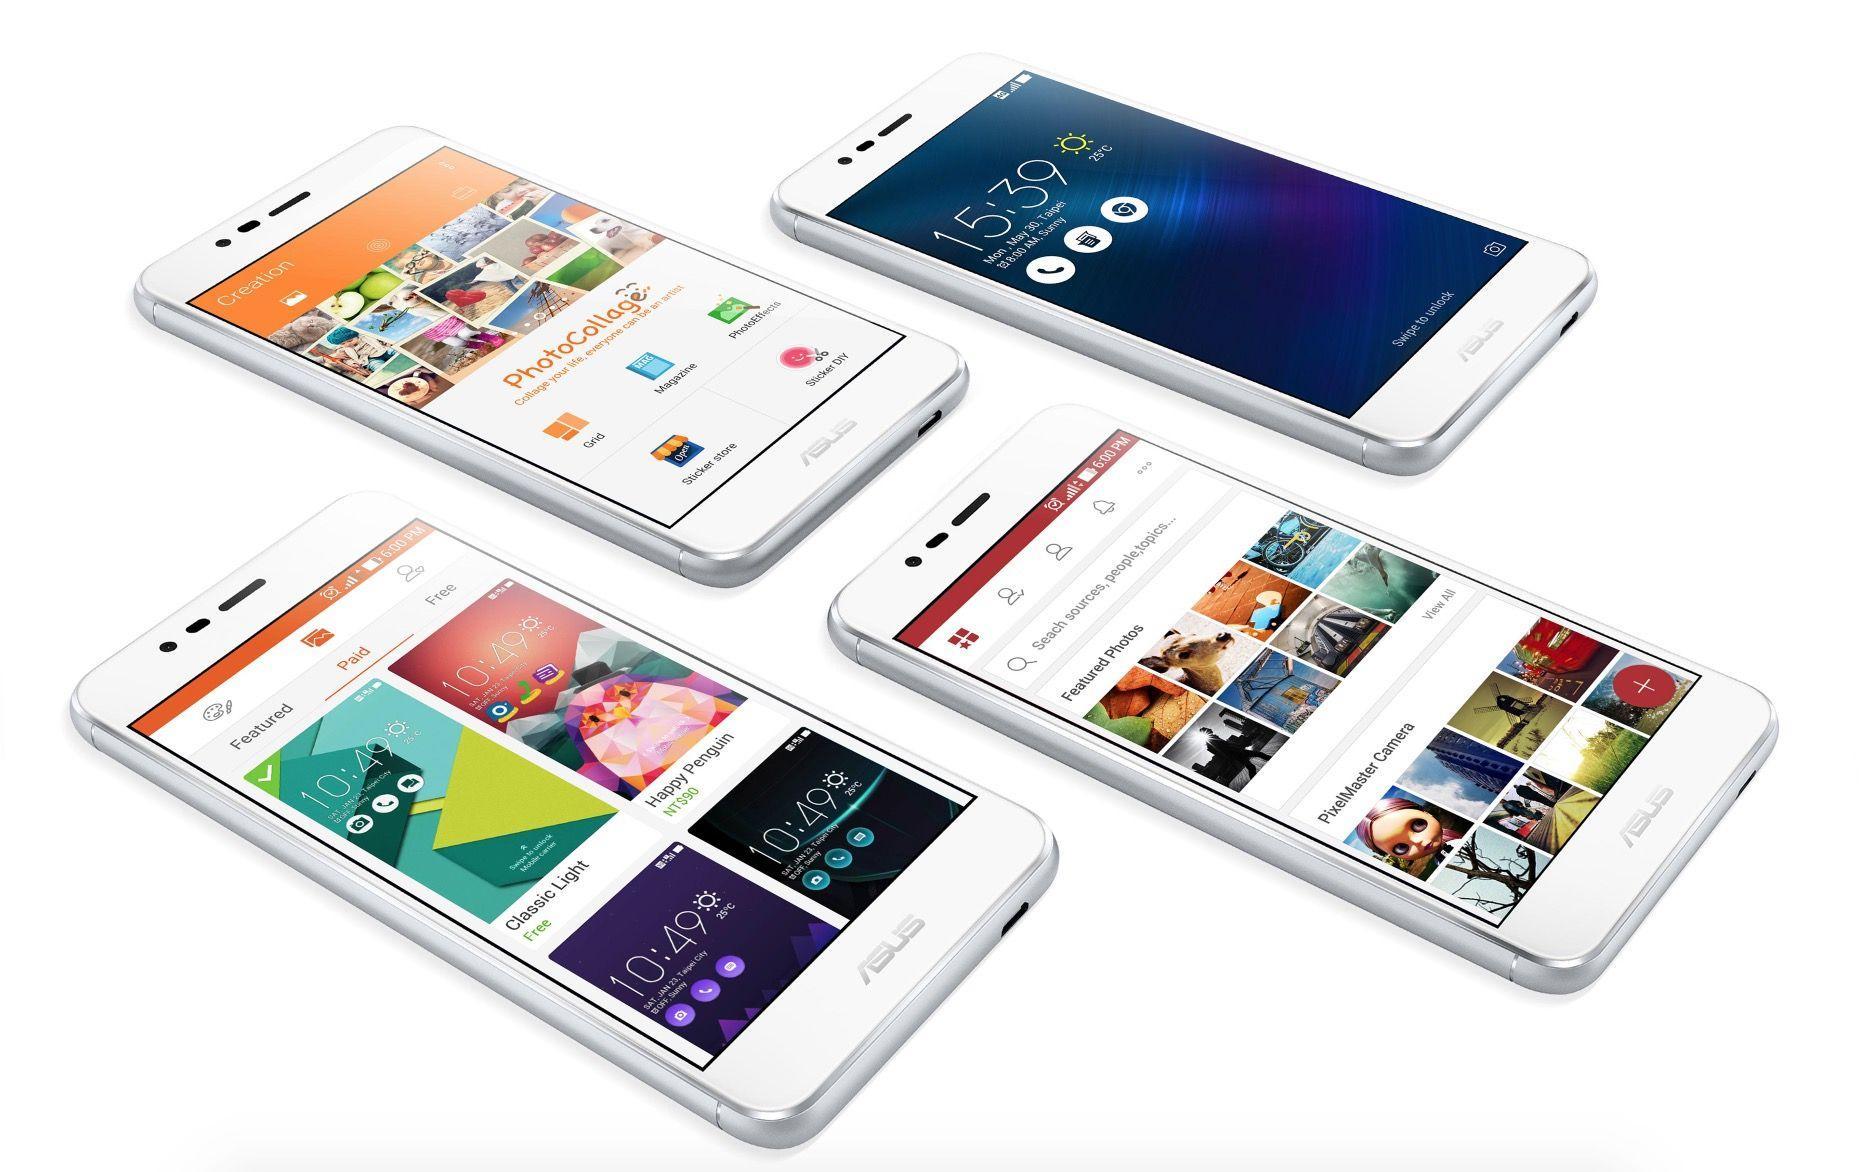 I 3 migliori smartphone per durata della batteria agosto 2017